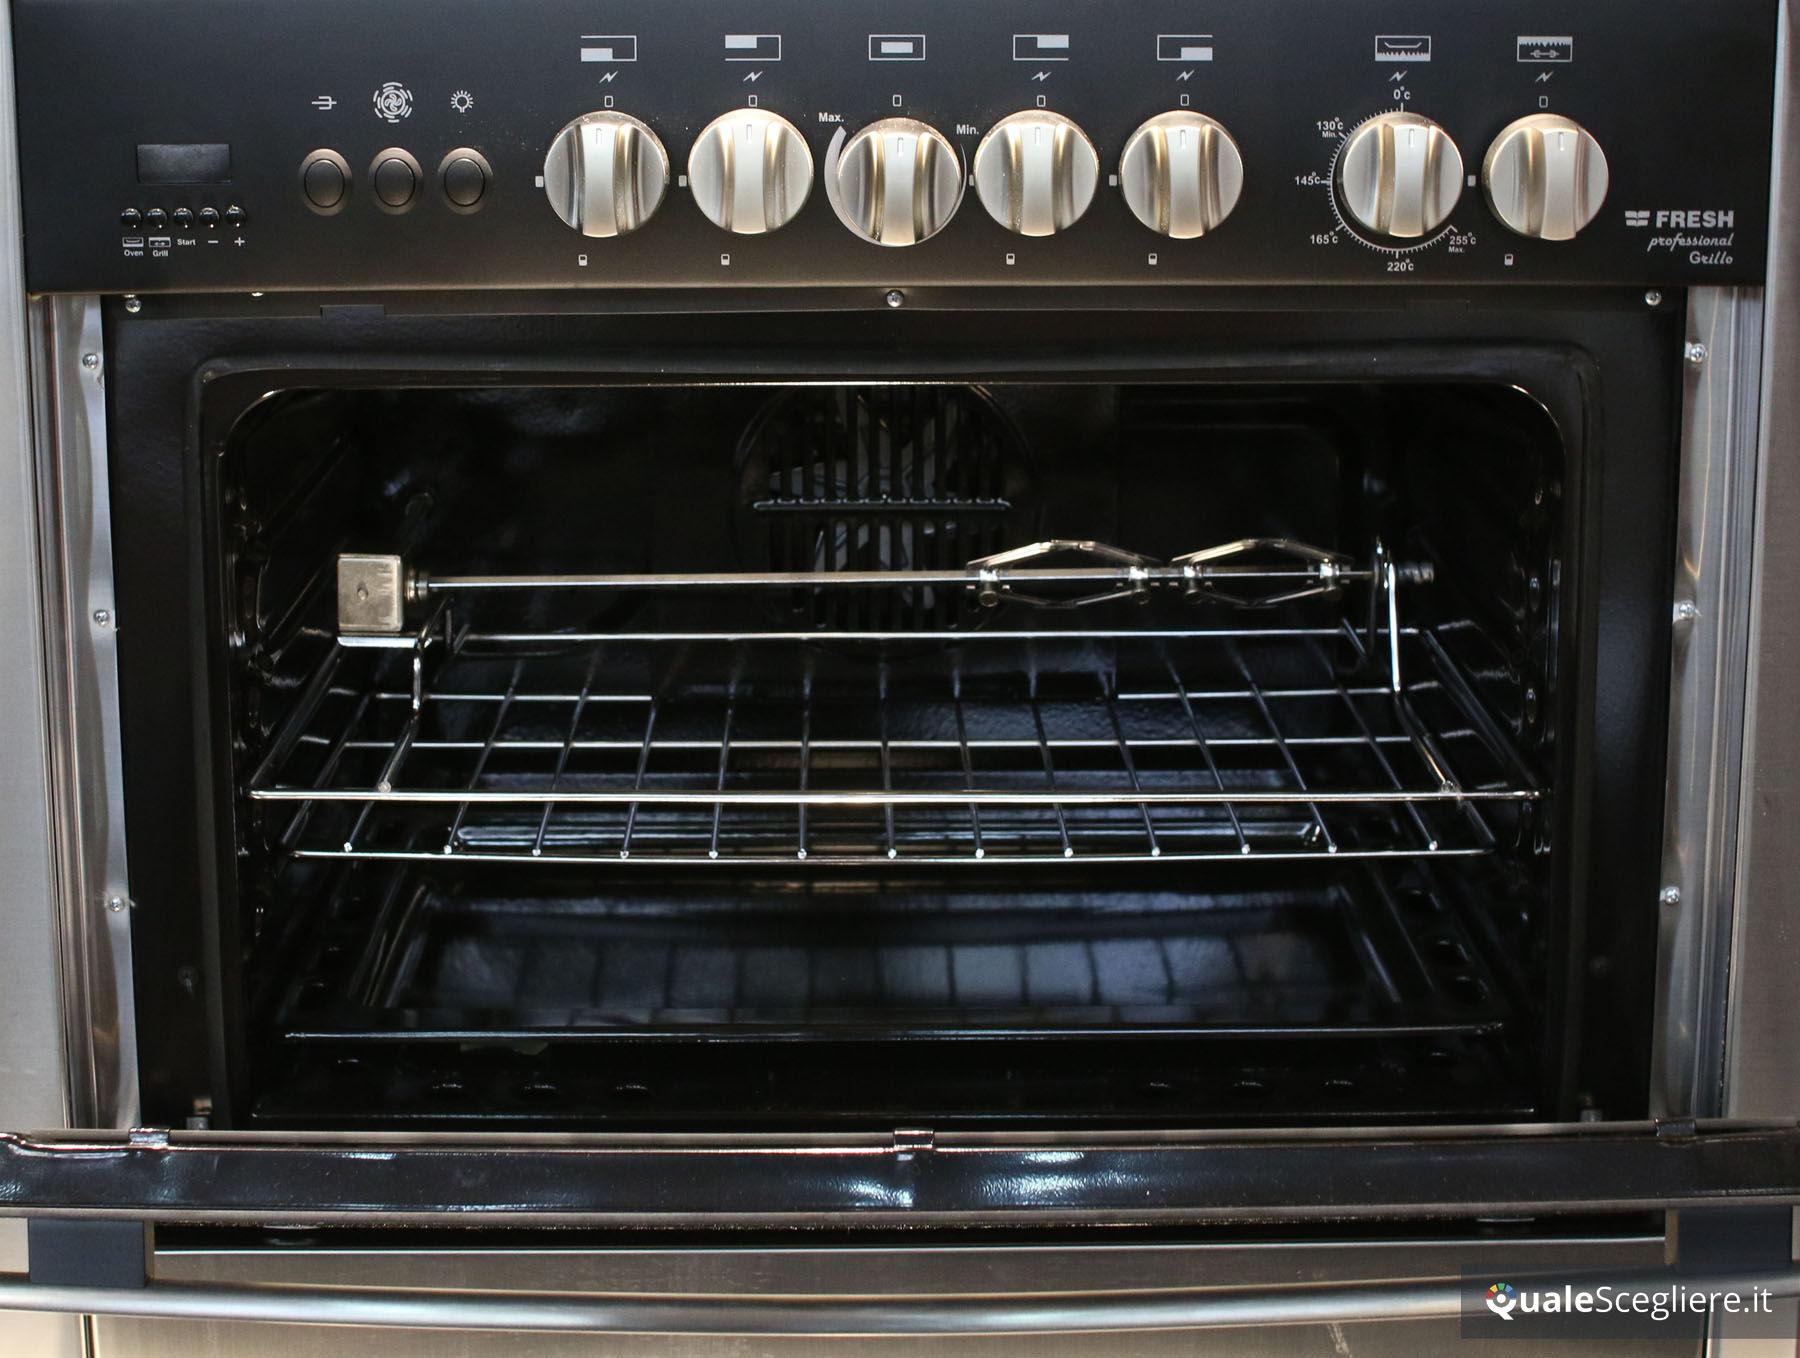 Il miglior forno da incasso del 2019 ecco quale scegliere - Forno elettrico e microonde combinato da incasso ...